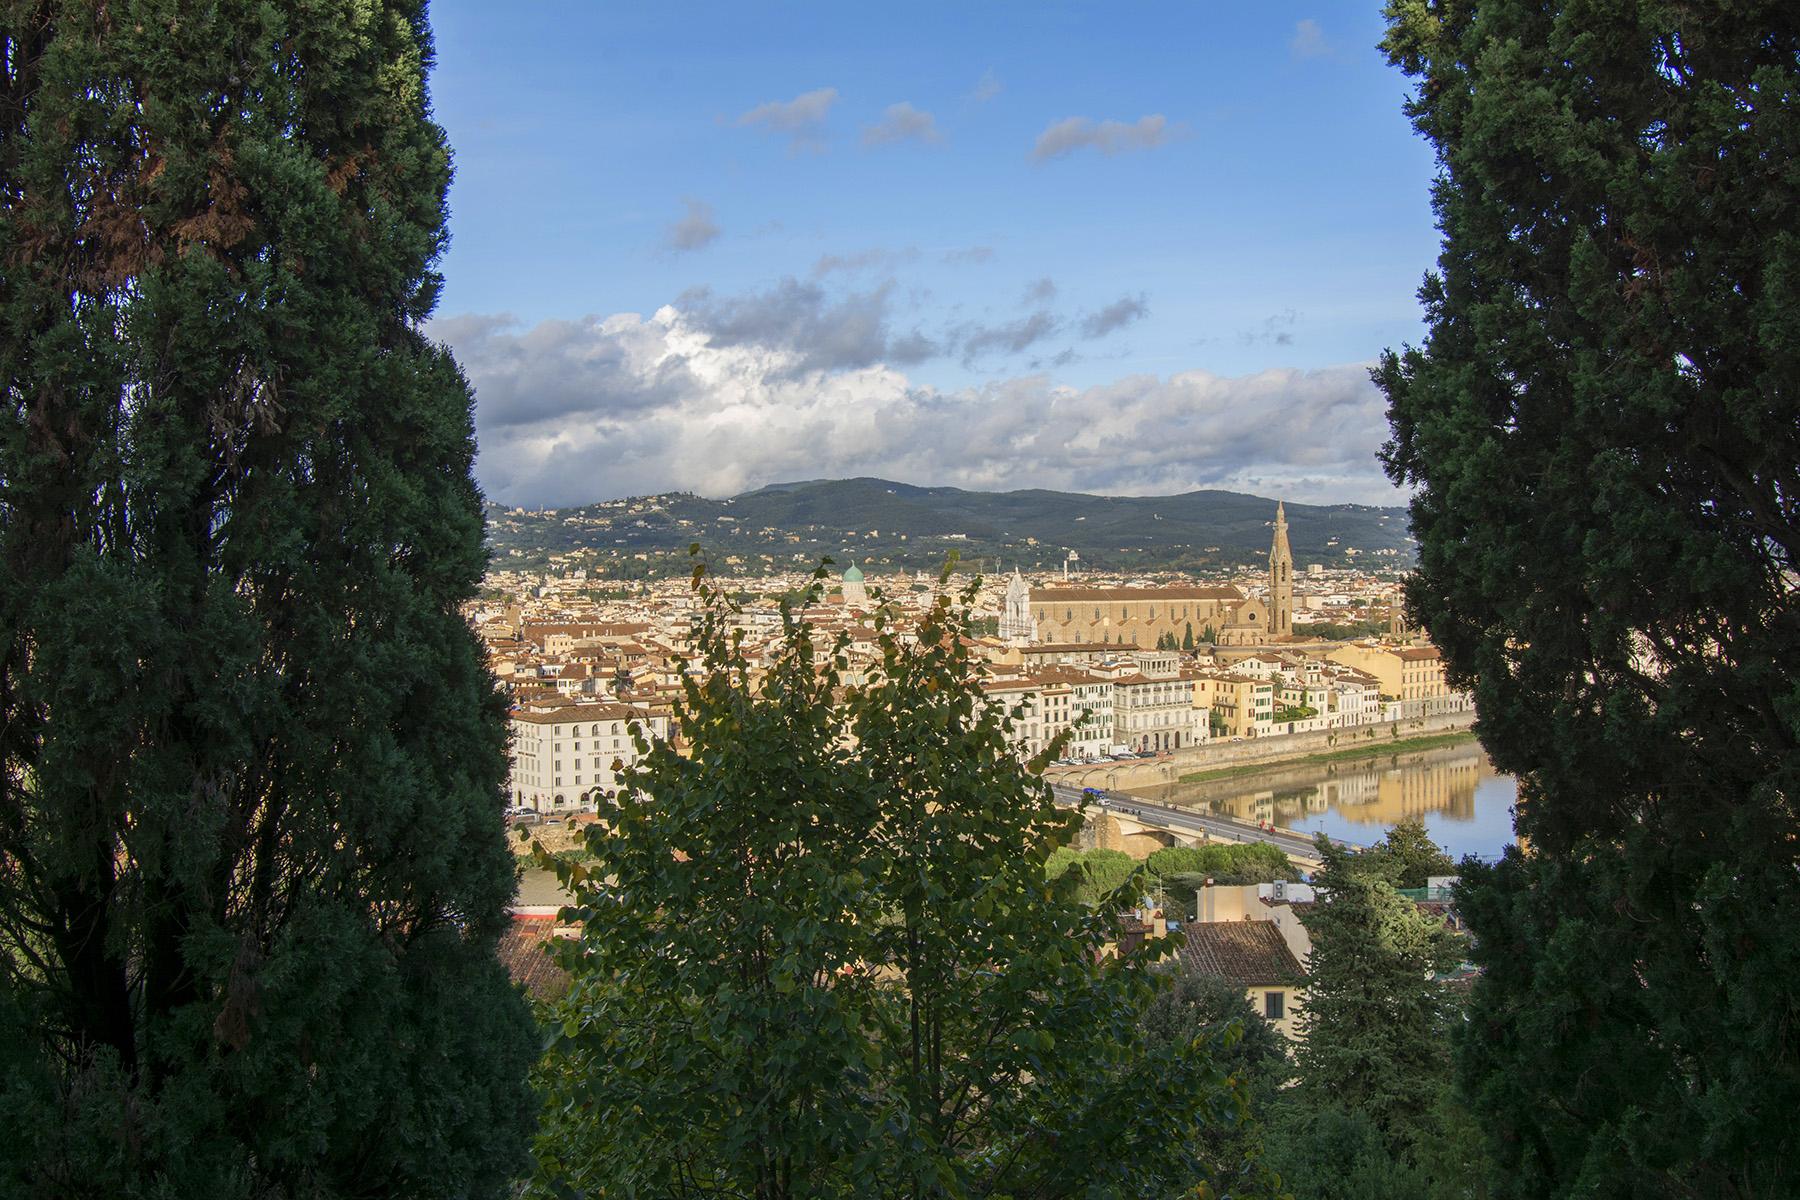 Appartamento in Vendita a Firenze: 5 locali, 146 mq - Foto 1